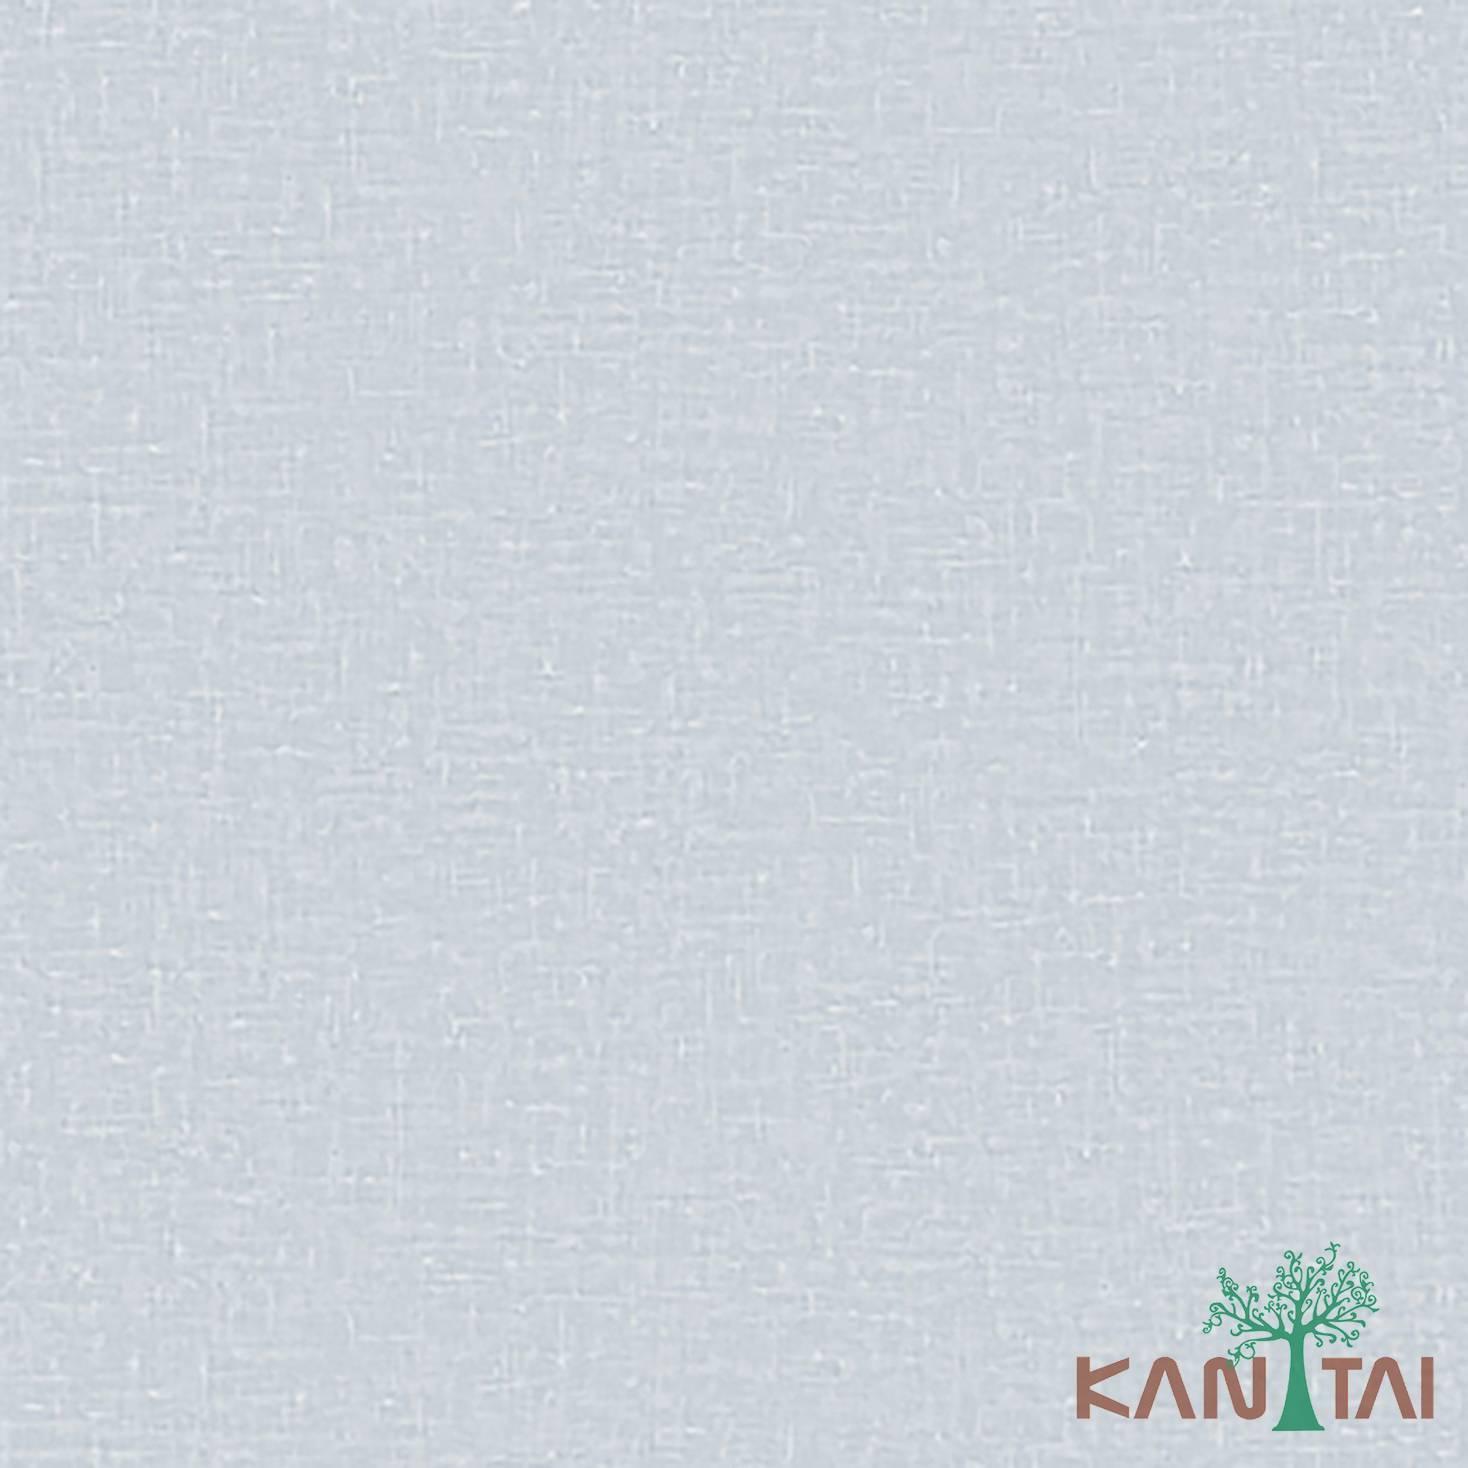 Papel de Parede Vinílico kantai Element 705 imagem 1